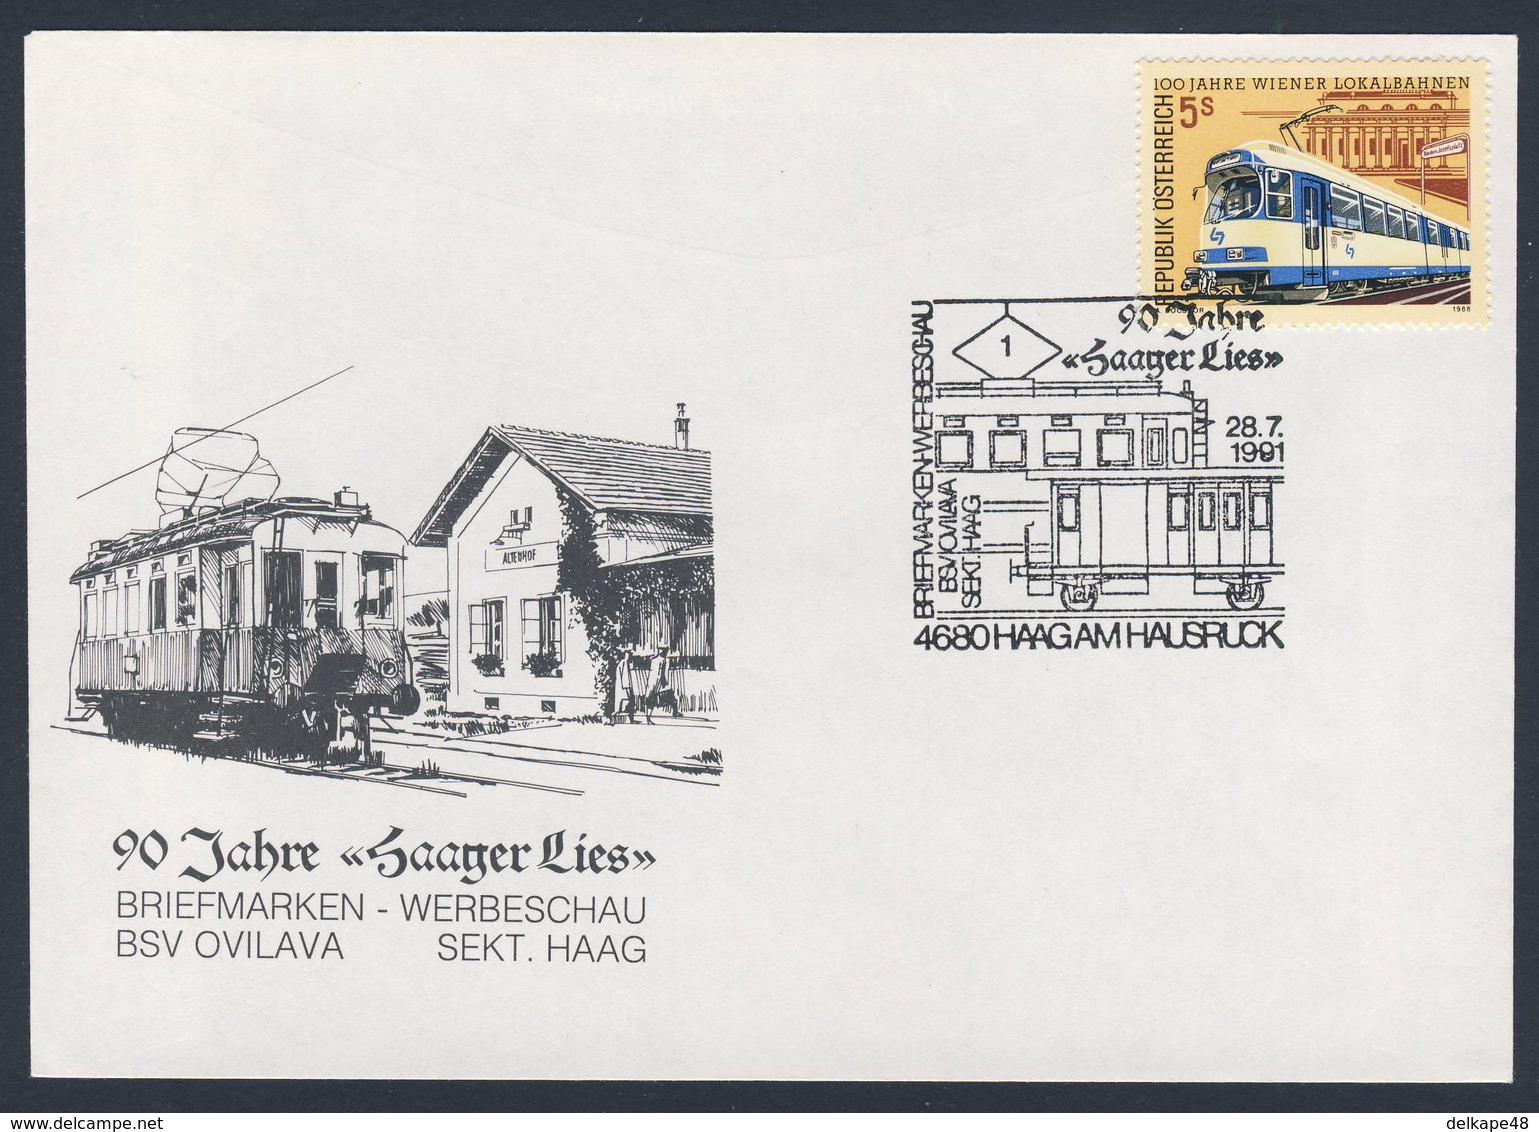 """Austria Österreich 1991 Cover / Brief / Lettre - 90 Jahre """"Saager Lies"""" - Briefmarkenwerbeschau / Railway + Exhibition - Treinen"""